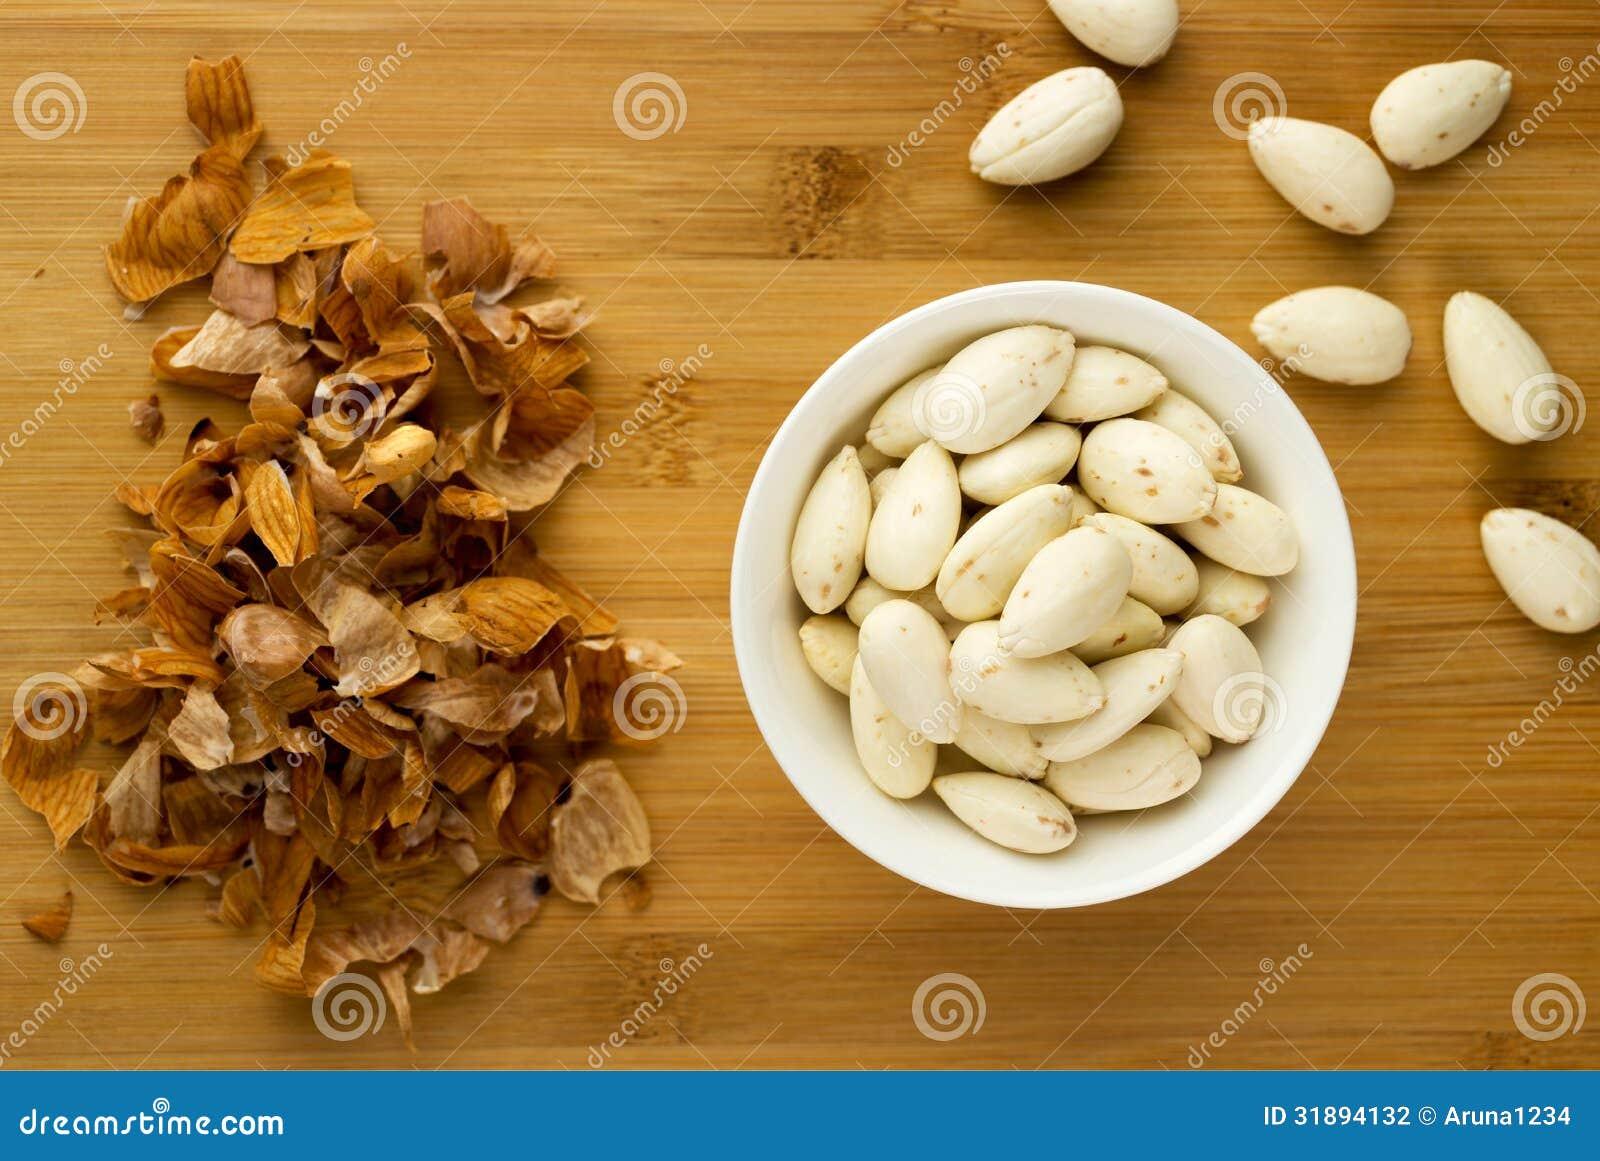 Les amandes blanchies dans une cuvette à côté d amande épluche